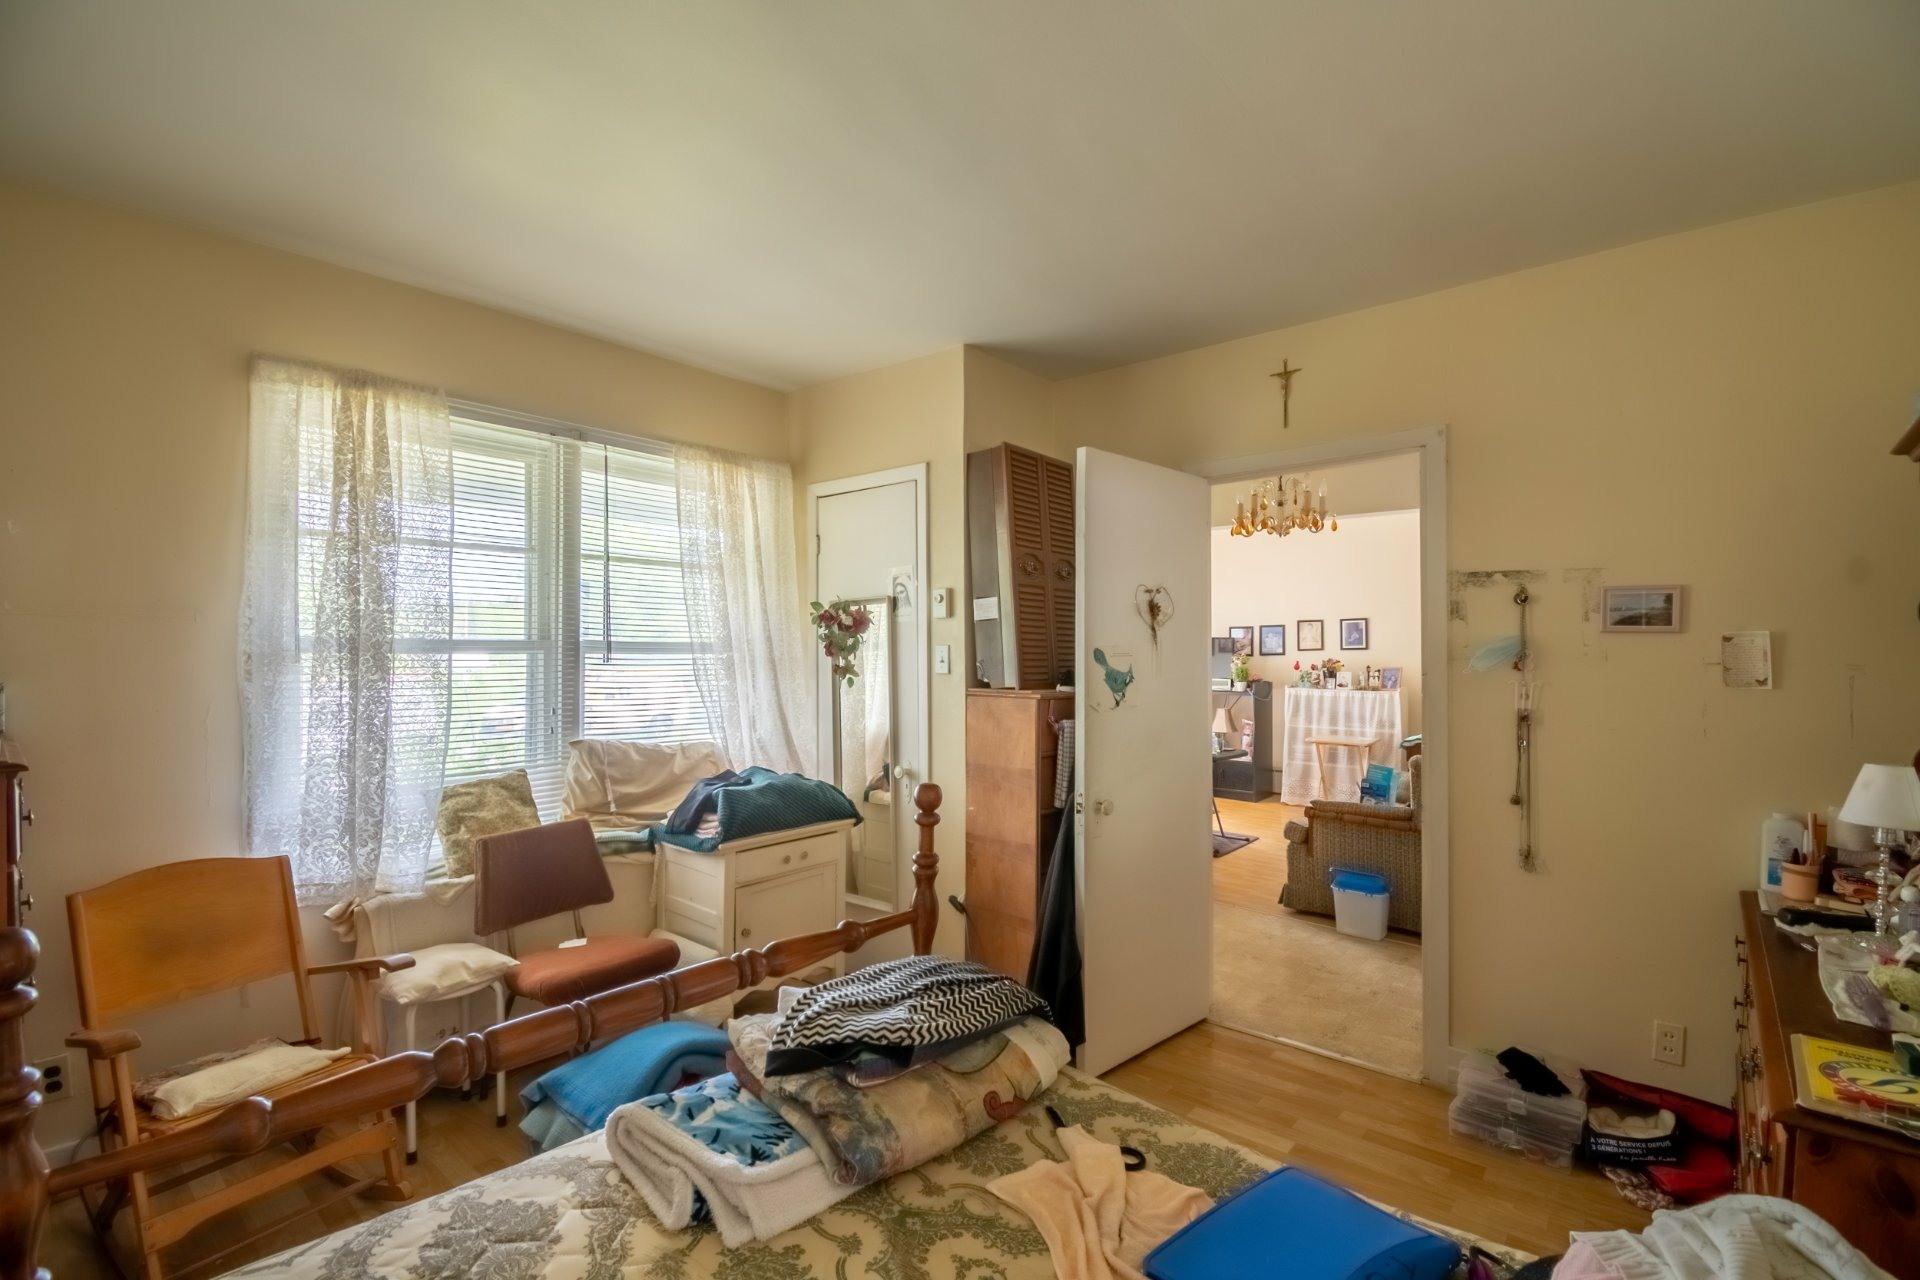 image 6 - Maison À vendre Trois-Rivières - 10 pièces